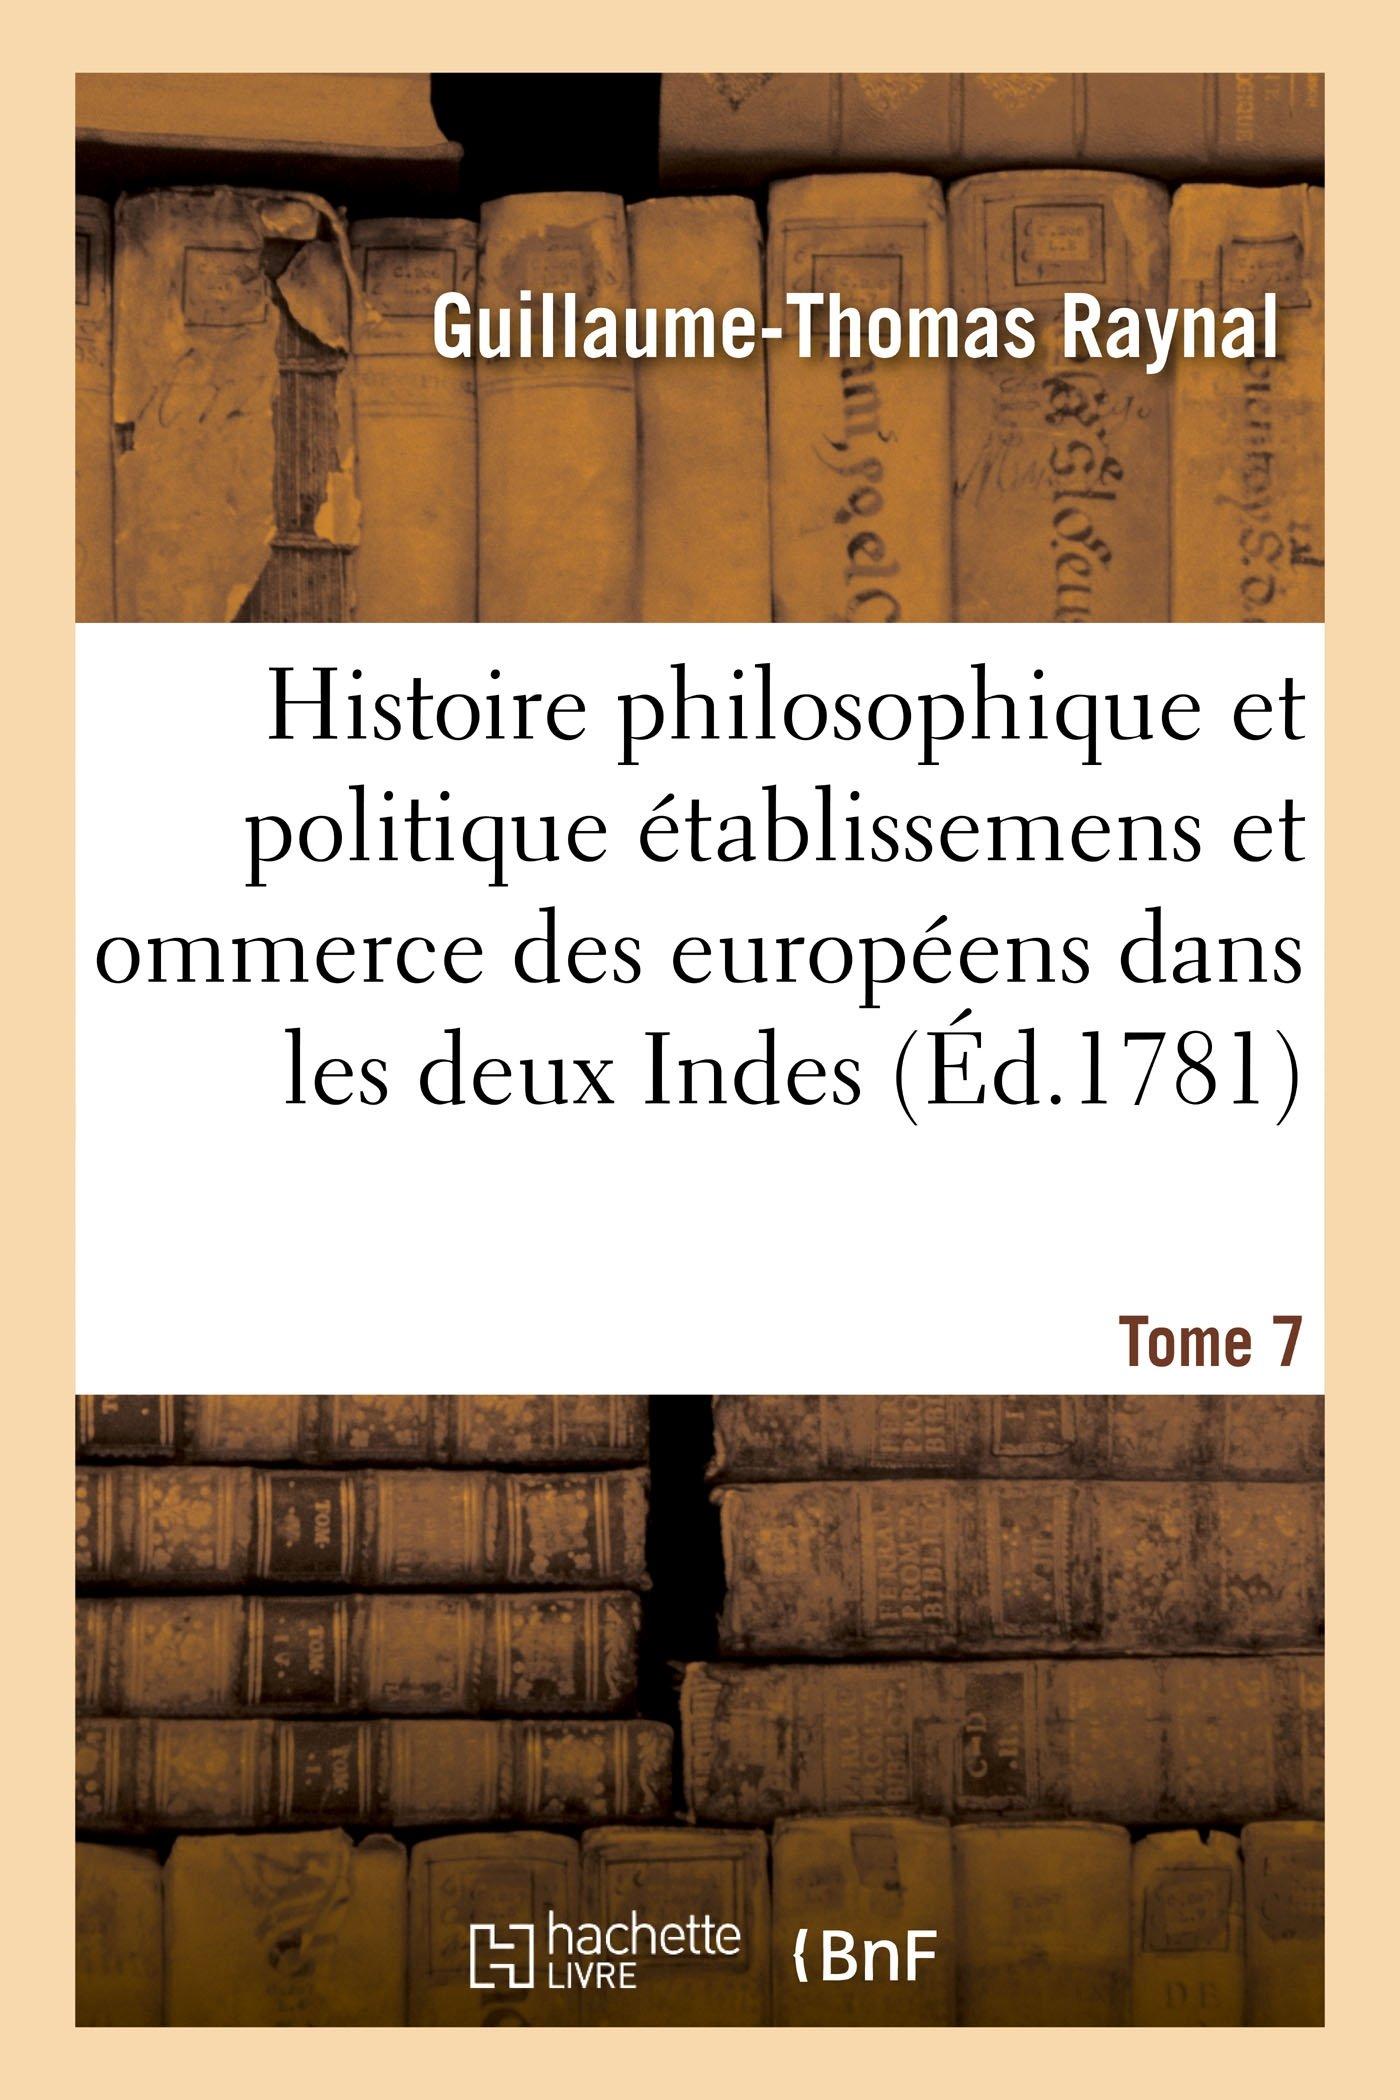 Download Histoire philosophique et politique des établissemens des européens dans les deux Indes. Tome 7 (Sciences Sociales) (French Edition) ebook